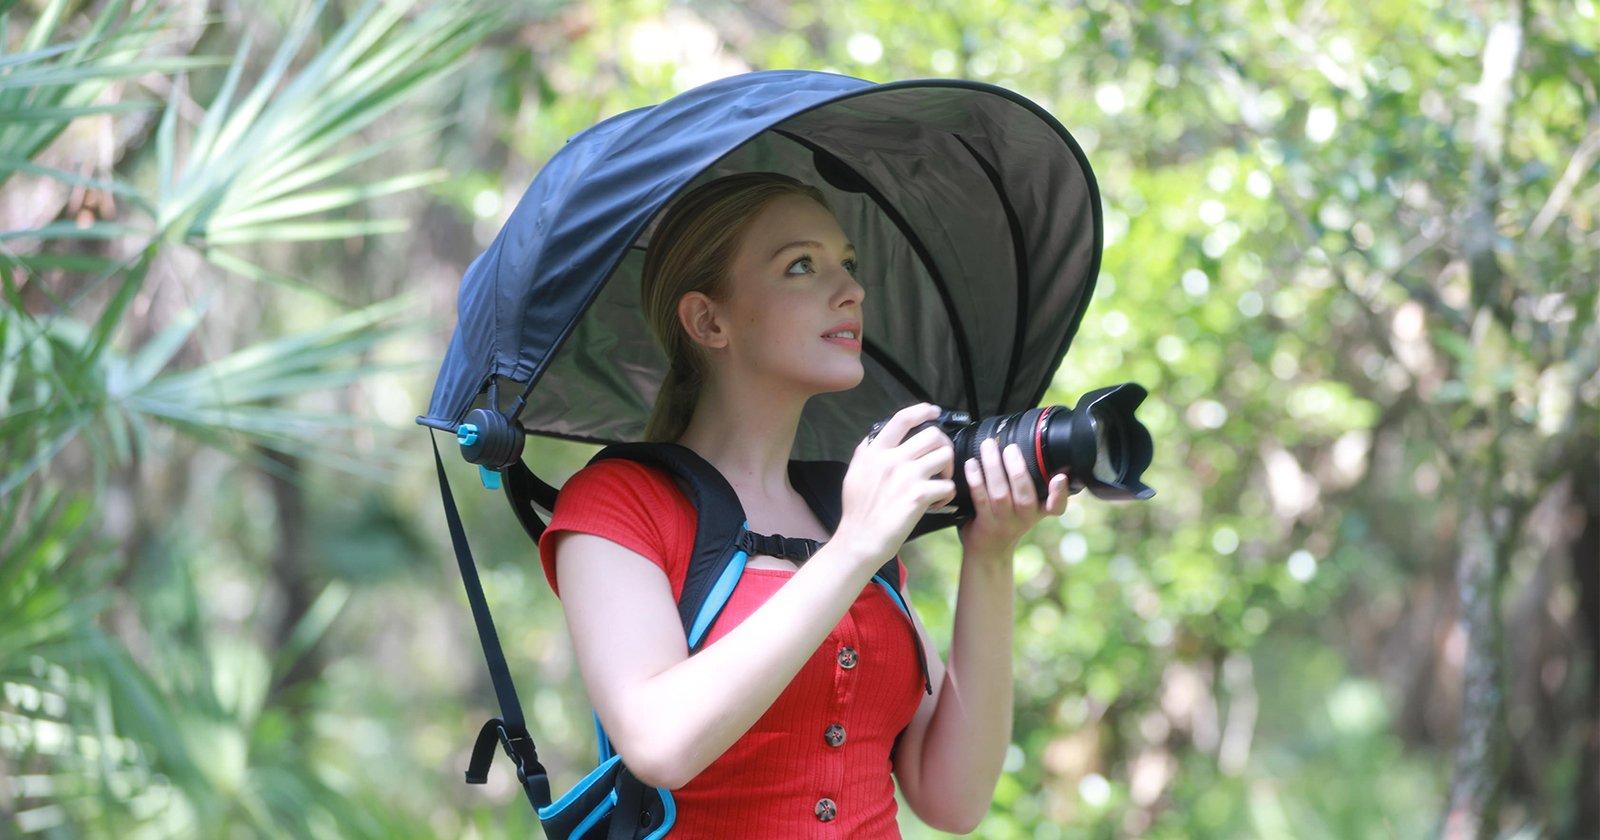 L'ombrello a baldacchino protegge i fotografi, mantiene le mani libere